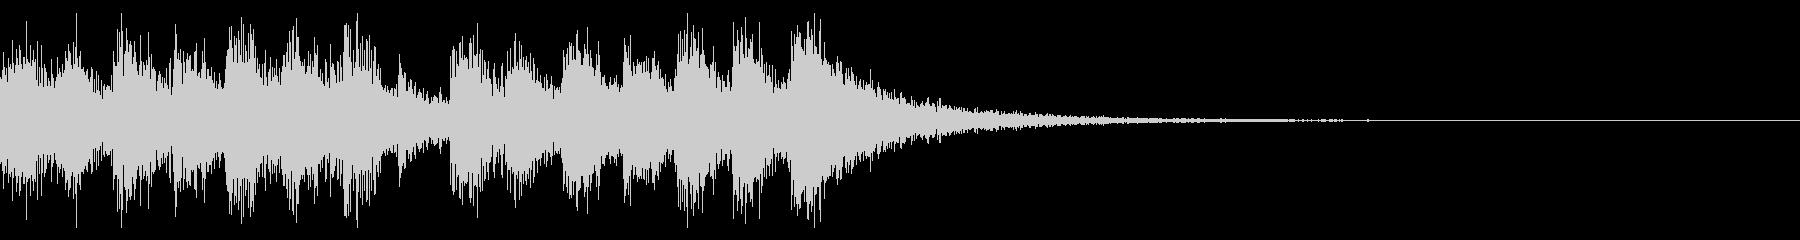 決戦のファンファーレ_定番07の未再生の波形